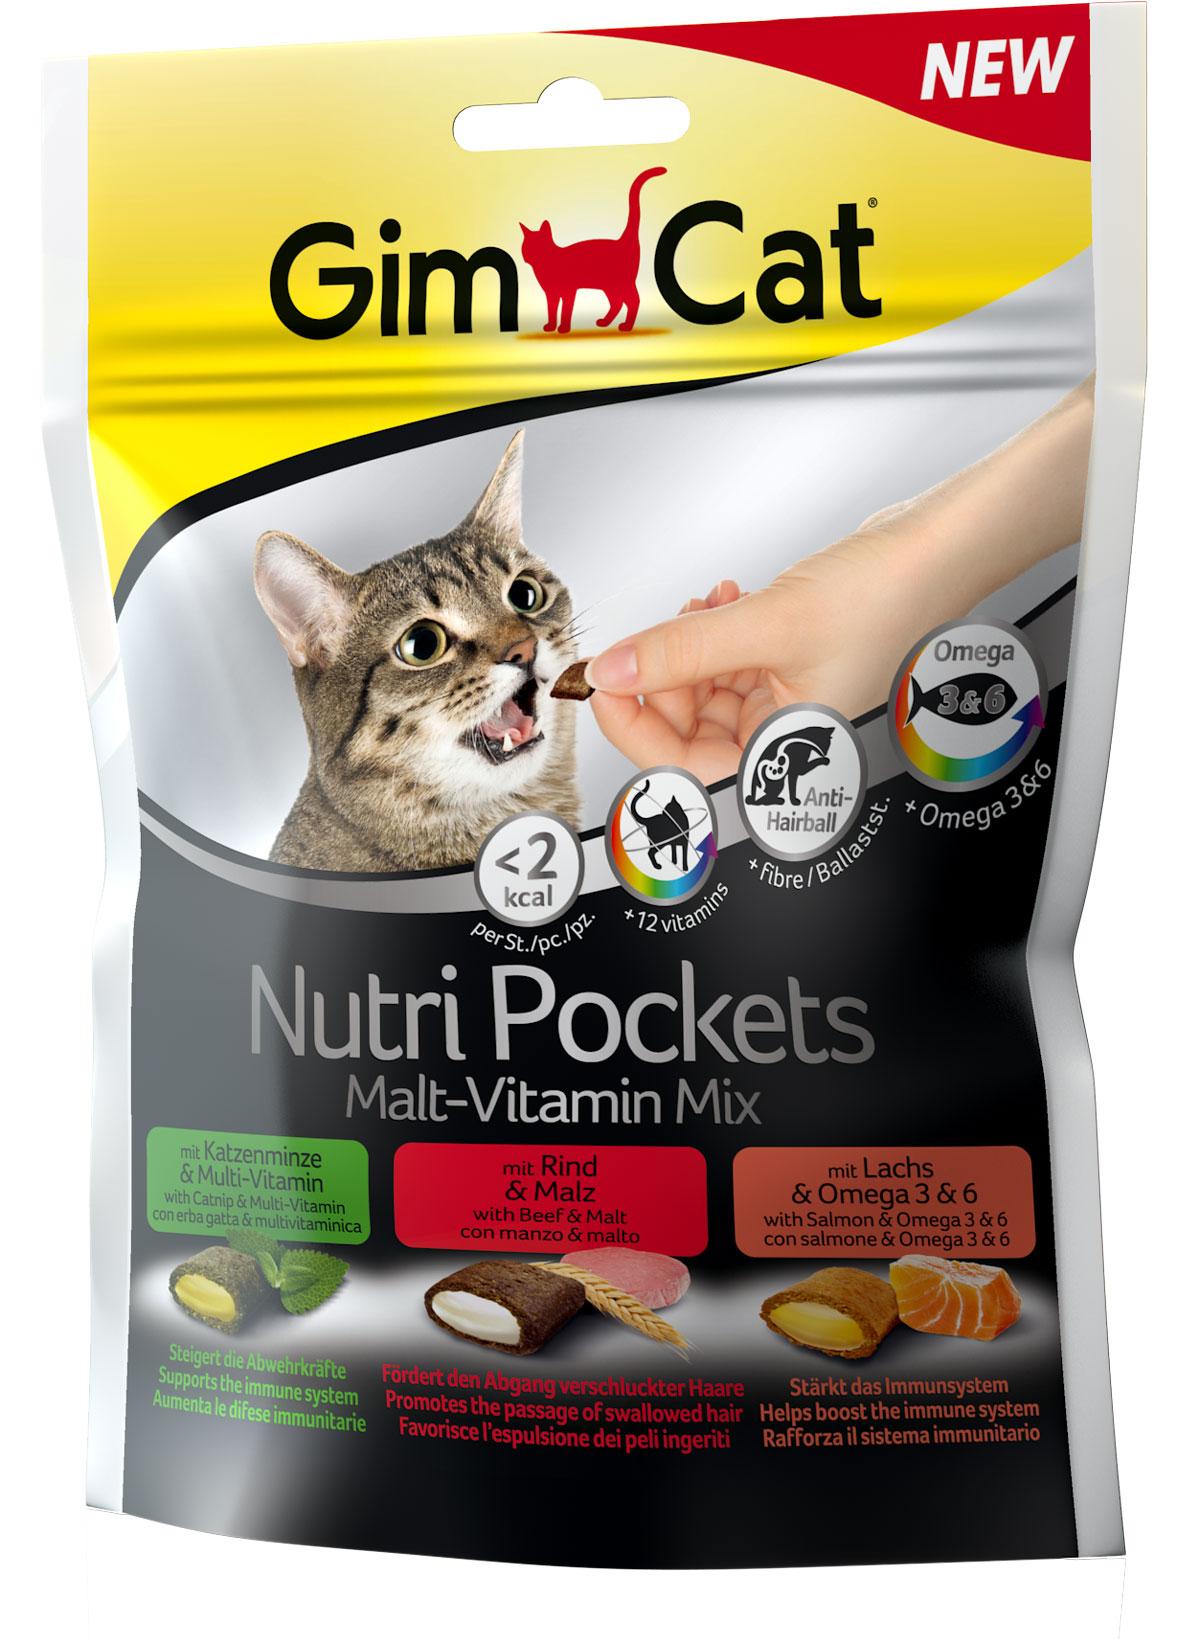 Лакомство для кошек Gimcat NutriPockets, подушечки, 150 г400693NutriPockets от компании GimCat - хрустящие подушечки с вкусной и полезной начинкой. Подушечки с пастой Бьюти содержат биотин и цинк, которые делают шерсть более блестящей и здоровой, ускоряют процесс линьки, помогают сделать кожу более эластичной, а когти - более крепкими. Корм дополнен кошачьей мятой и мультивитаминной пастой - содержит 12 жизненно важных витаминов для укрепления естественных защитных сил организма. NutriPockets являются дополнительным кормом для кошек.Состав: зерновые, мясо и мясопродукты, говядина, рыба и рыбопродукты, лосось, морские водоросли, продукты растительного происхождения, солод, овсяные хлопья, кошачья мята, молоко и продукты переработки молока, яйца и яйцепродукты, дрожжи. Аналитический состав: протеин 30,0%, жир 20,0%, зола 6%, клетчатка 2,5%. Энергетическая ценность одной подушечки: 2 ккал. Товар сертифицирован.